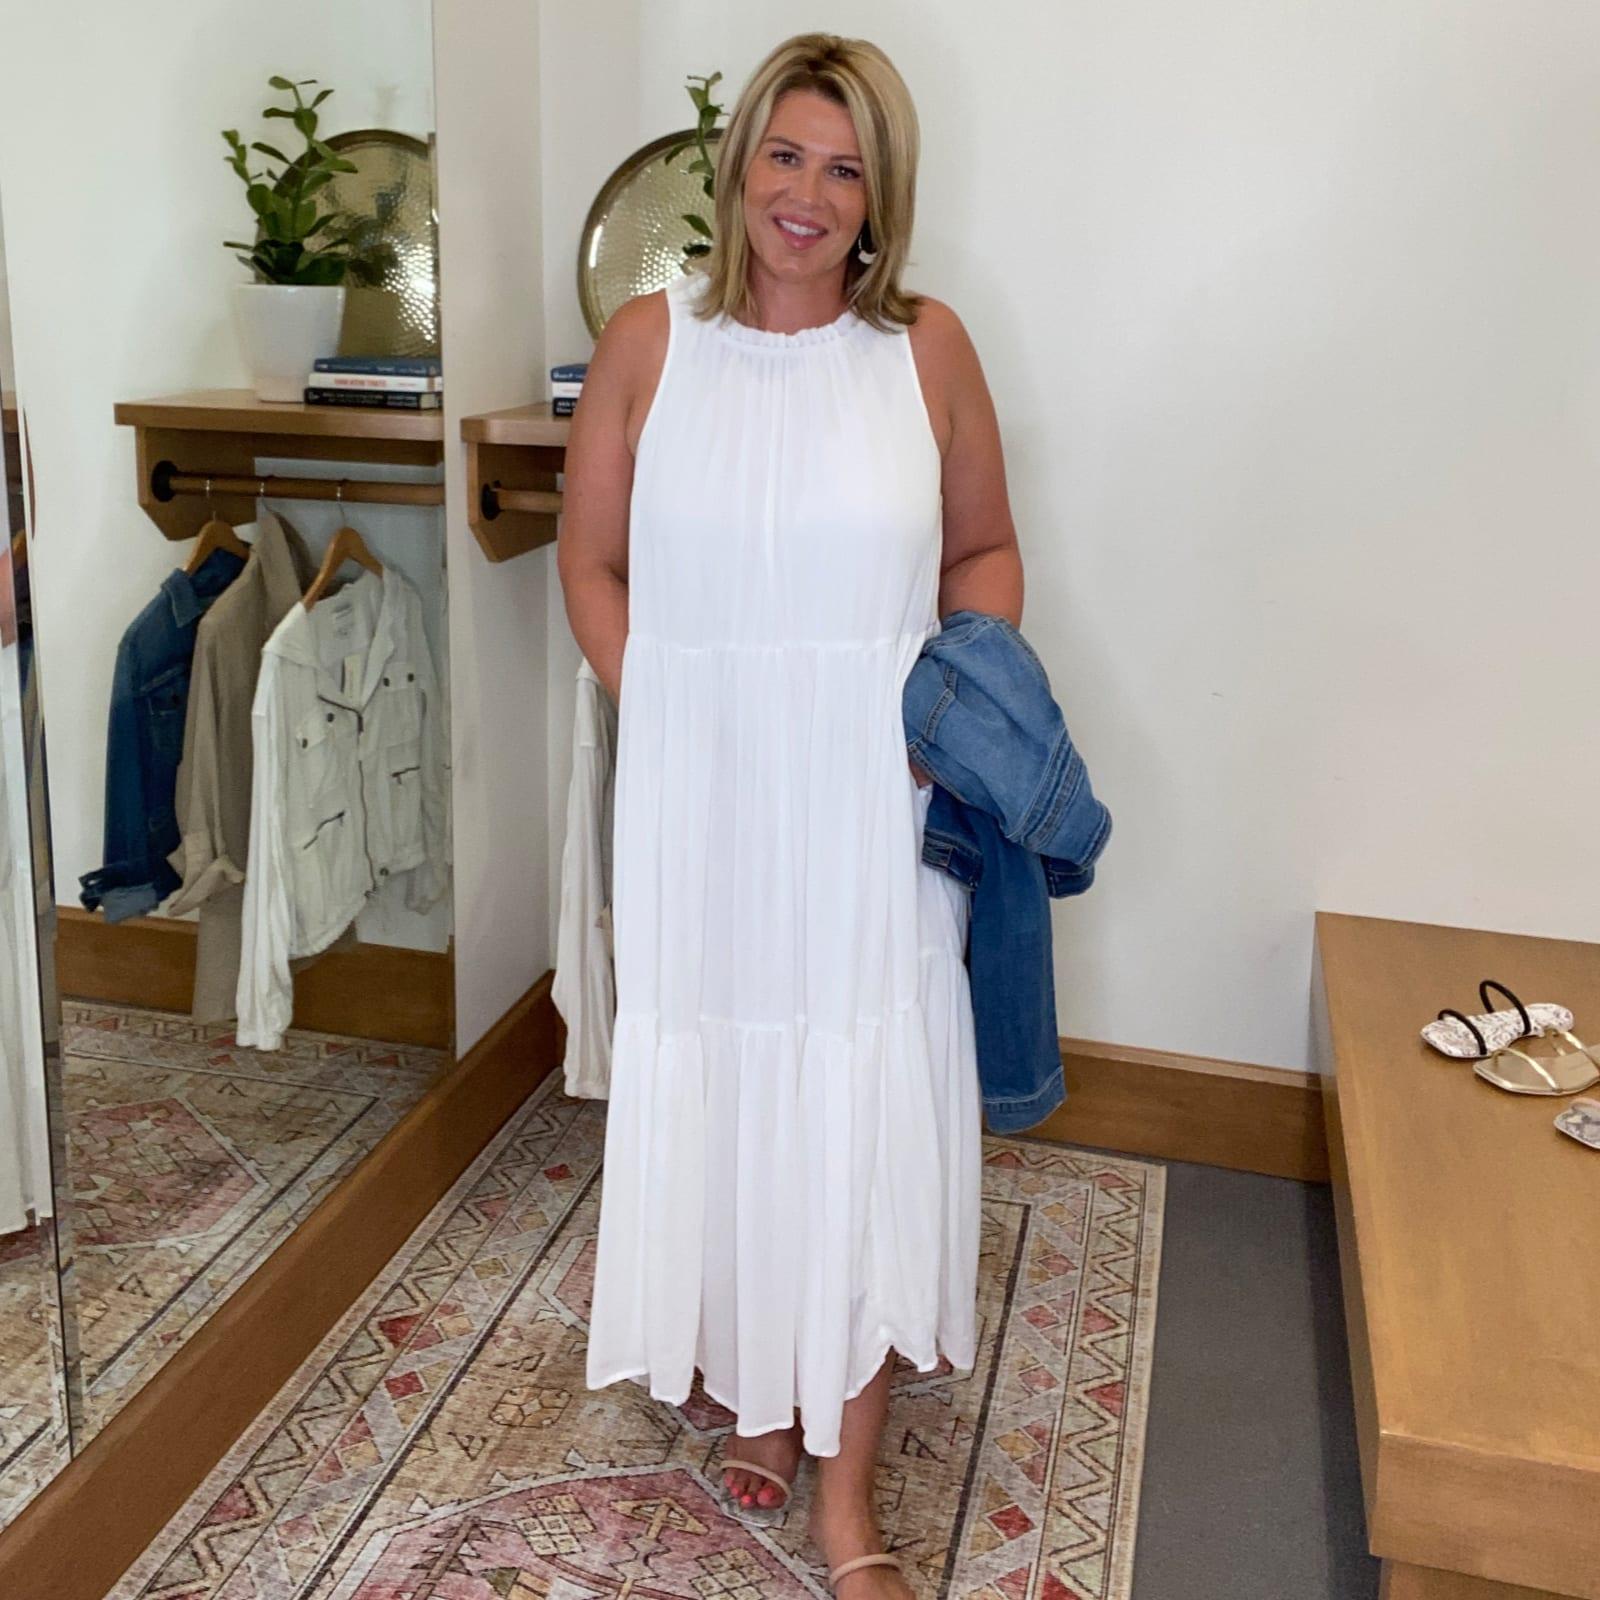 Top Picks for Summer: Maxi Dresses